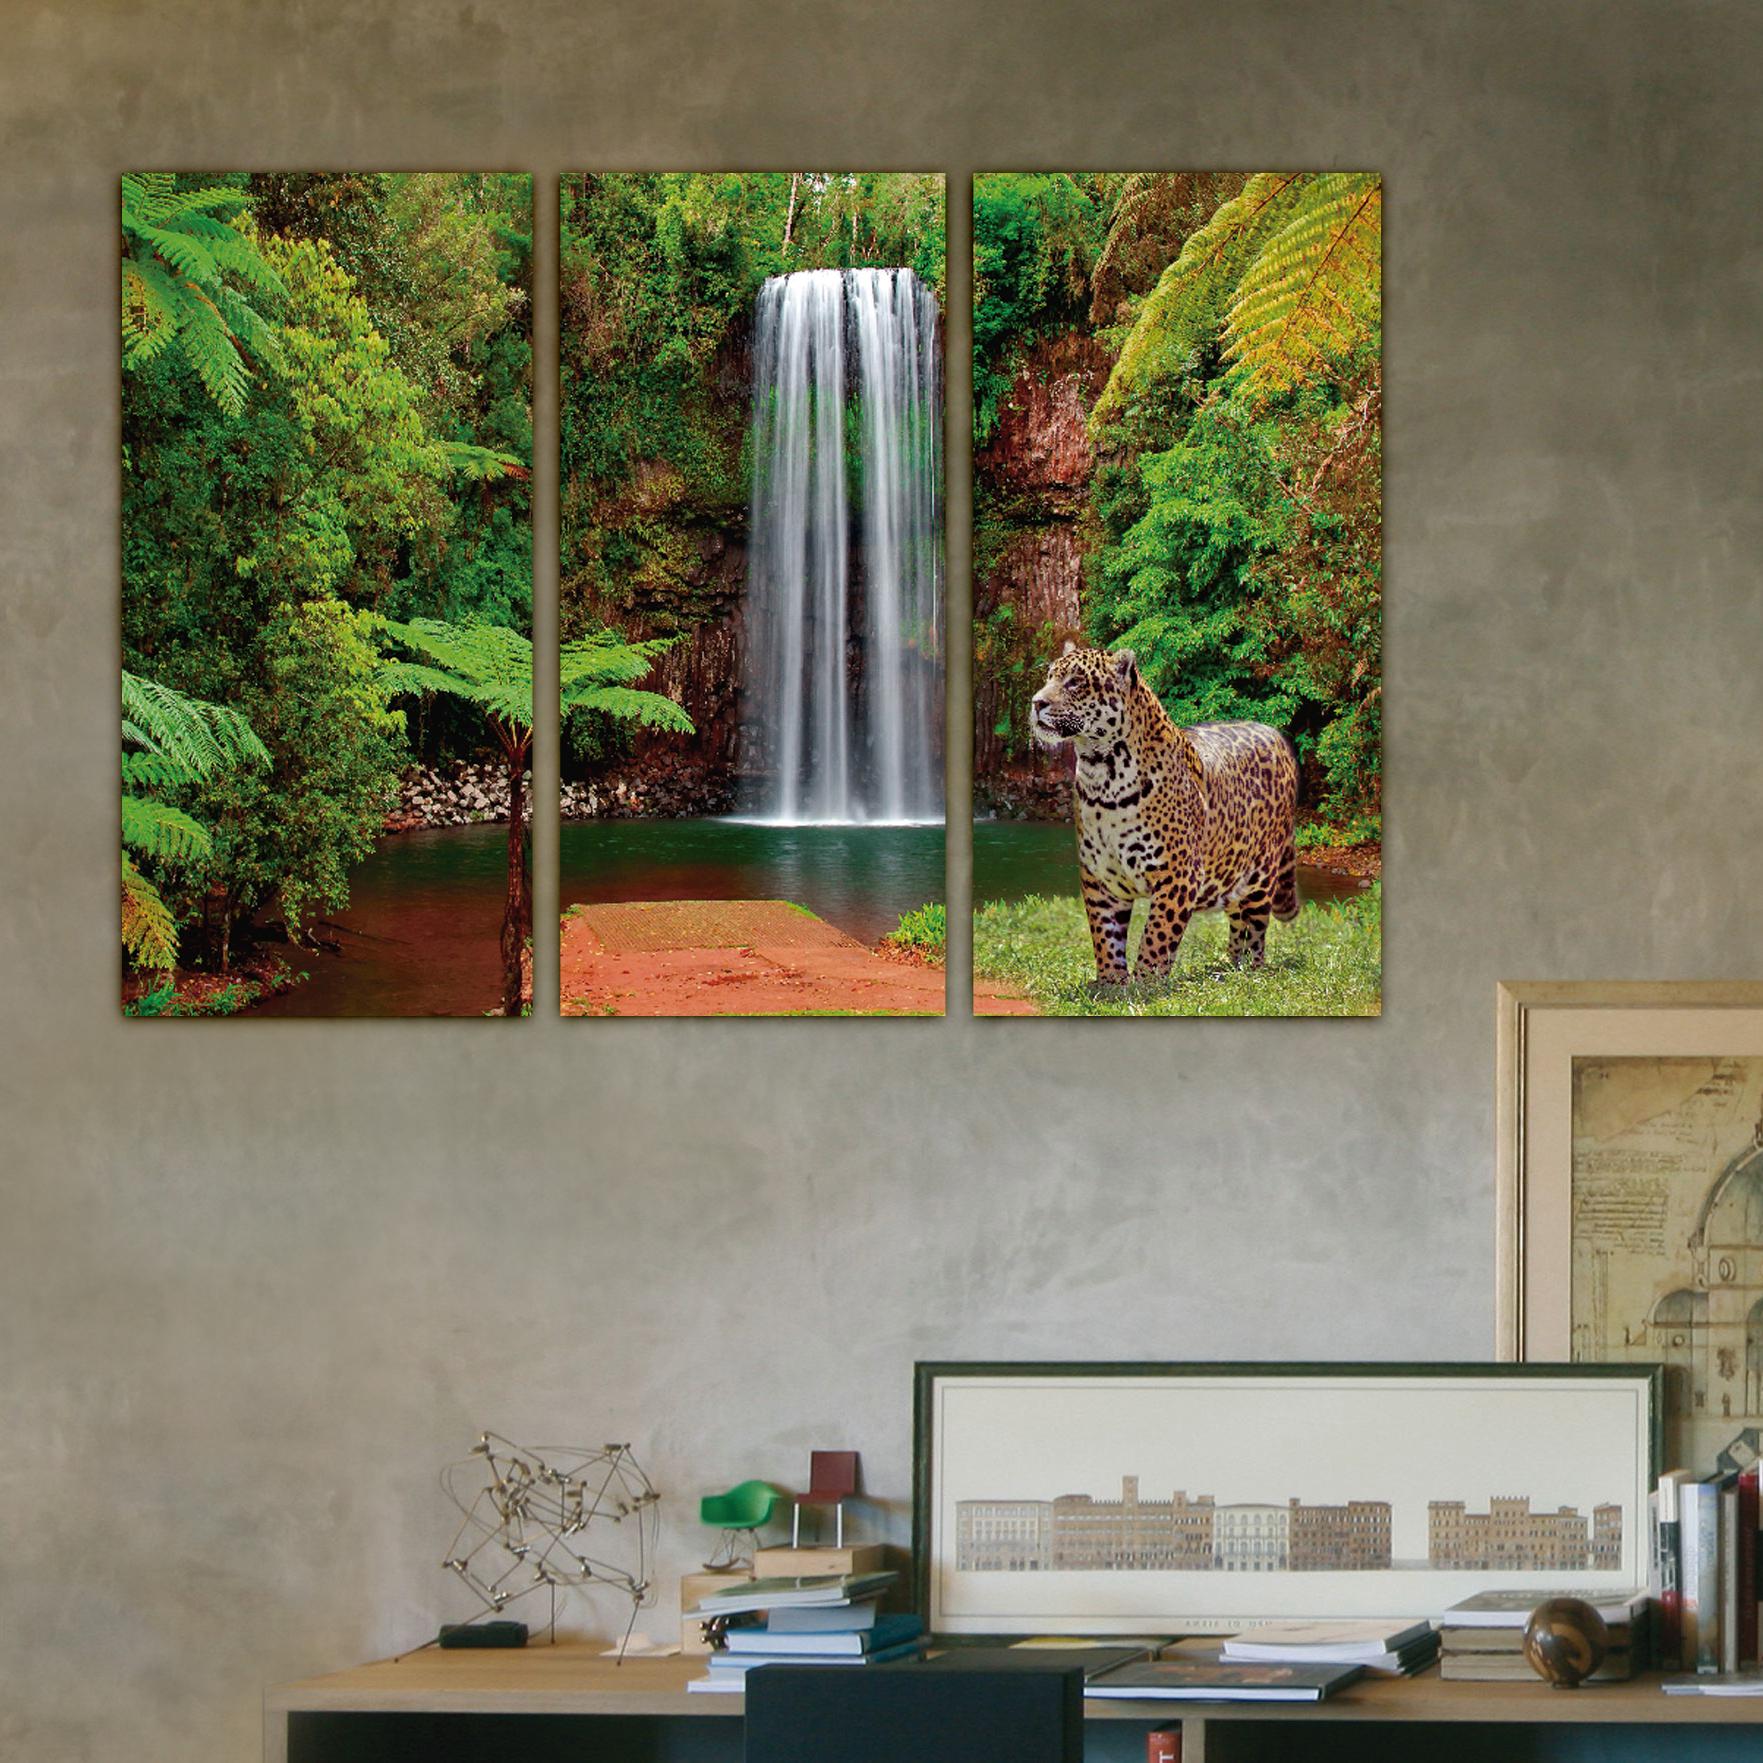 Cascada y jaguaret 110 cm x 70 cm cuadros decorativos for Donde puedo comprar cuadros decorativos